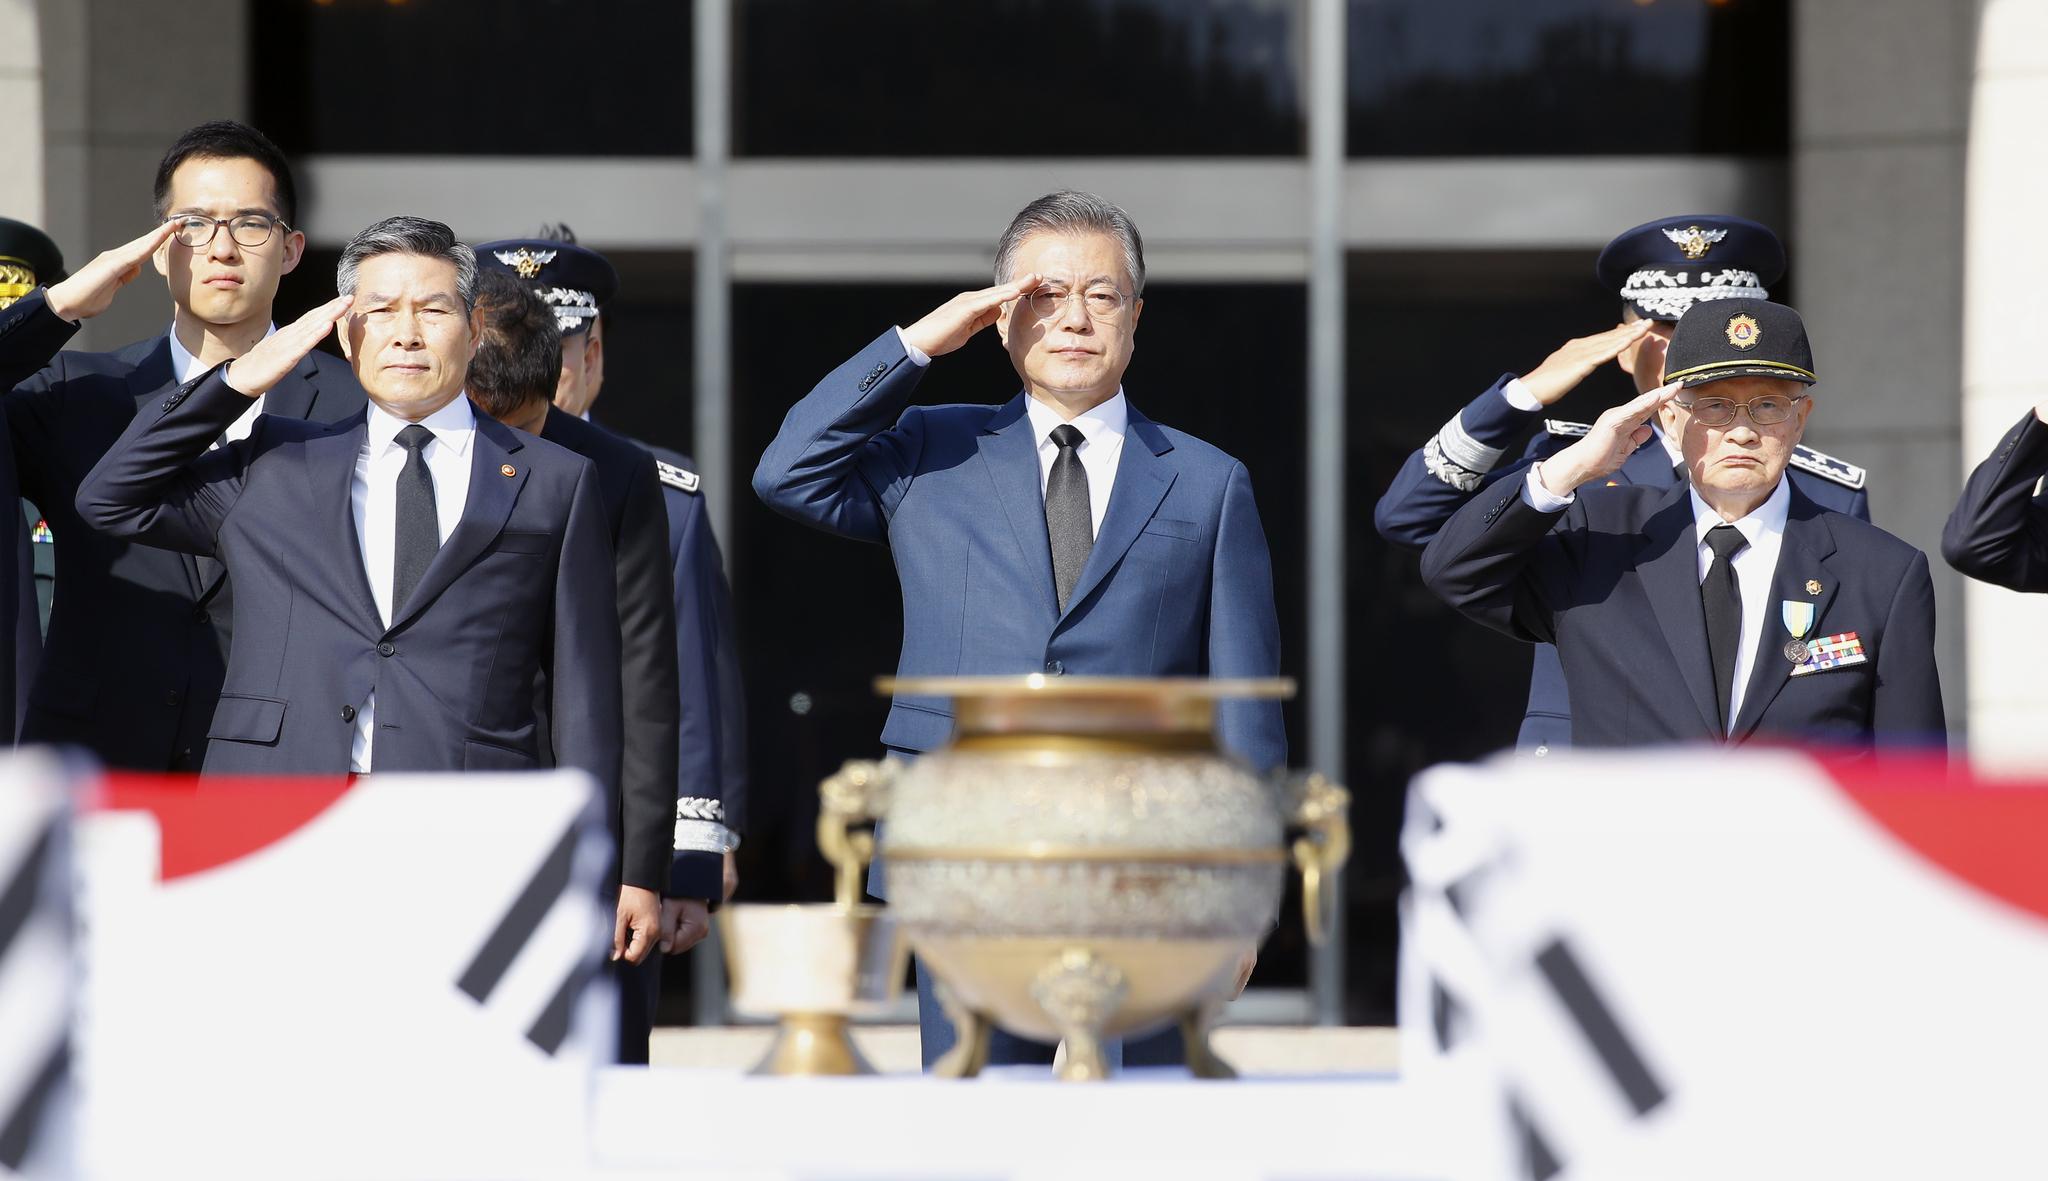 문재인 대통령이 국군의 날인 1일 오전 서울공항에서 열린 국군 유해 봉환행사에서 64위의 6.25 참전 국군 전사자에 대해 경례를 하고 있다. [연합뉴스]